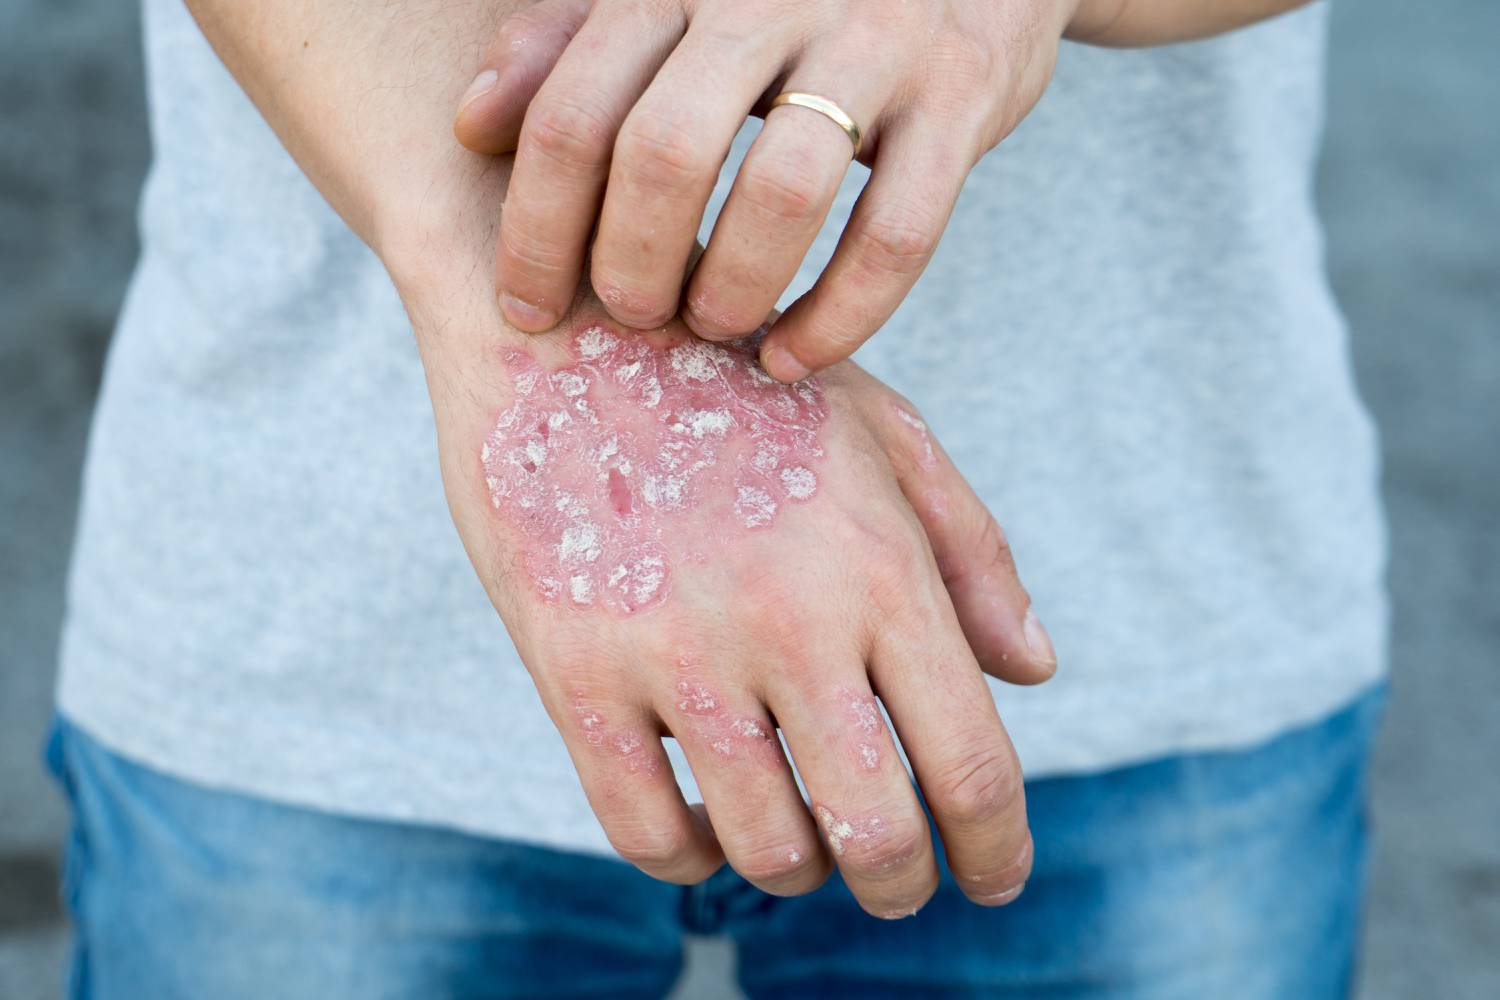 nagyon jó orvosság a pikkelysömör ellen vörös foltok hólyagokkal és viszketéssel jelentek meg a testen